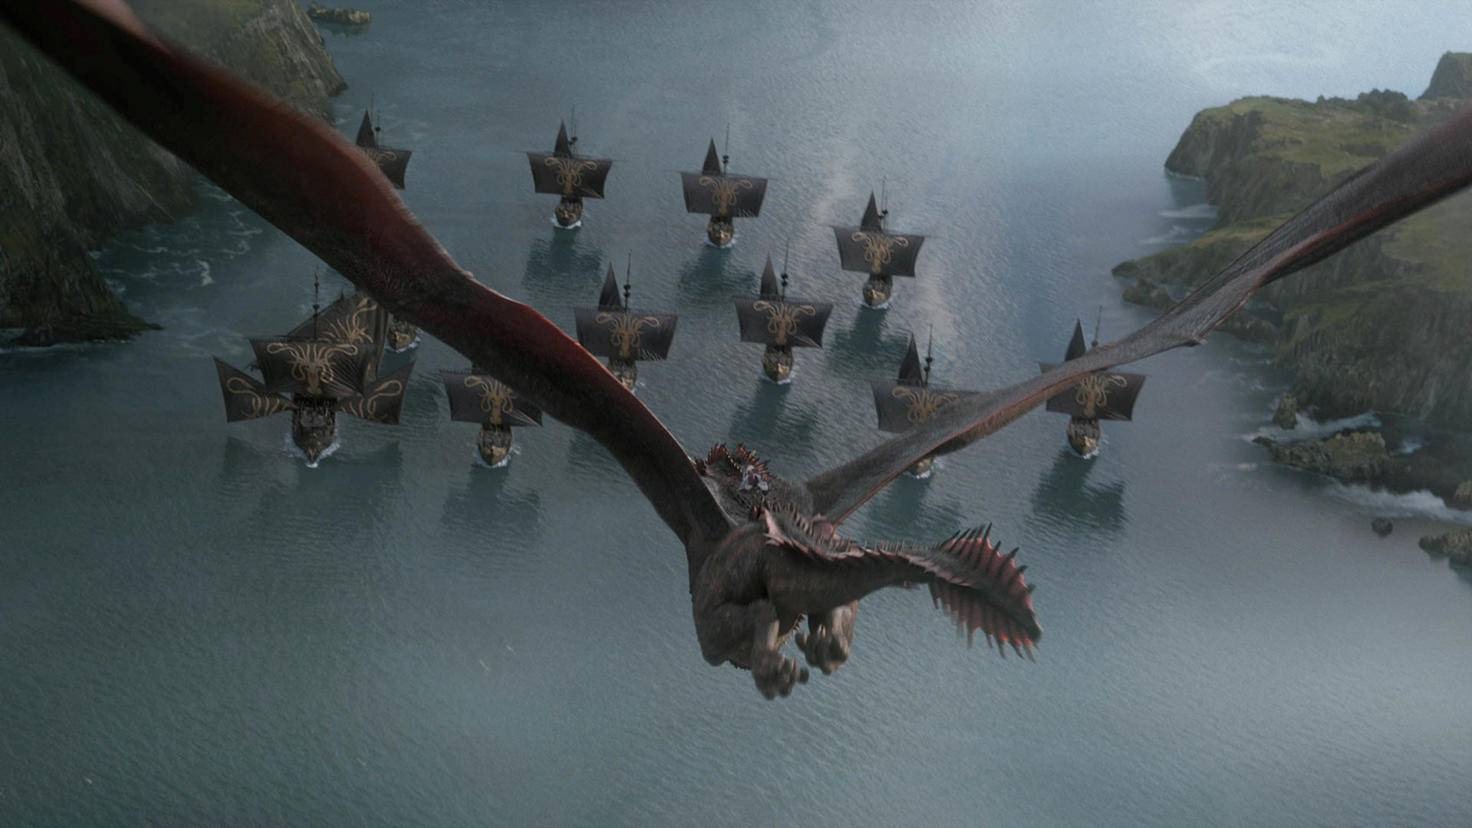 20 gigantischen Pfeilen auszuweichen? Für Drogon kein Problem ...